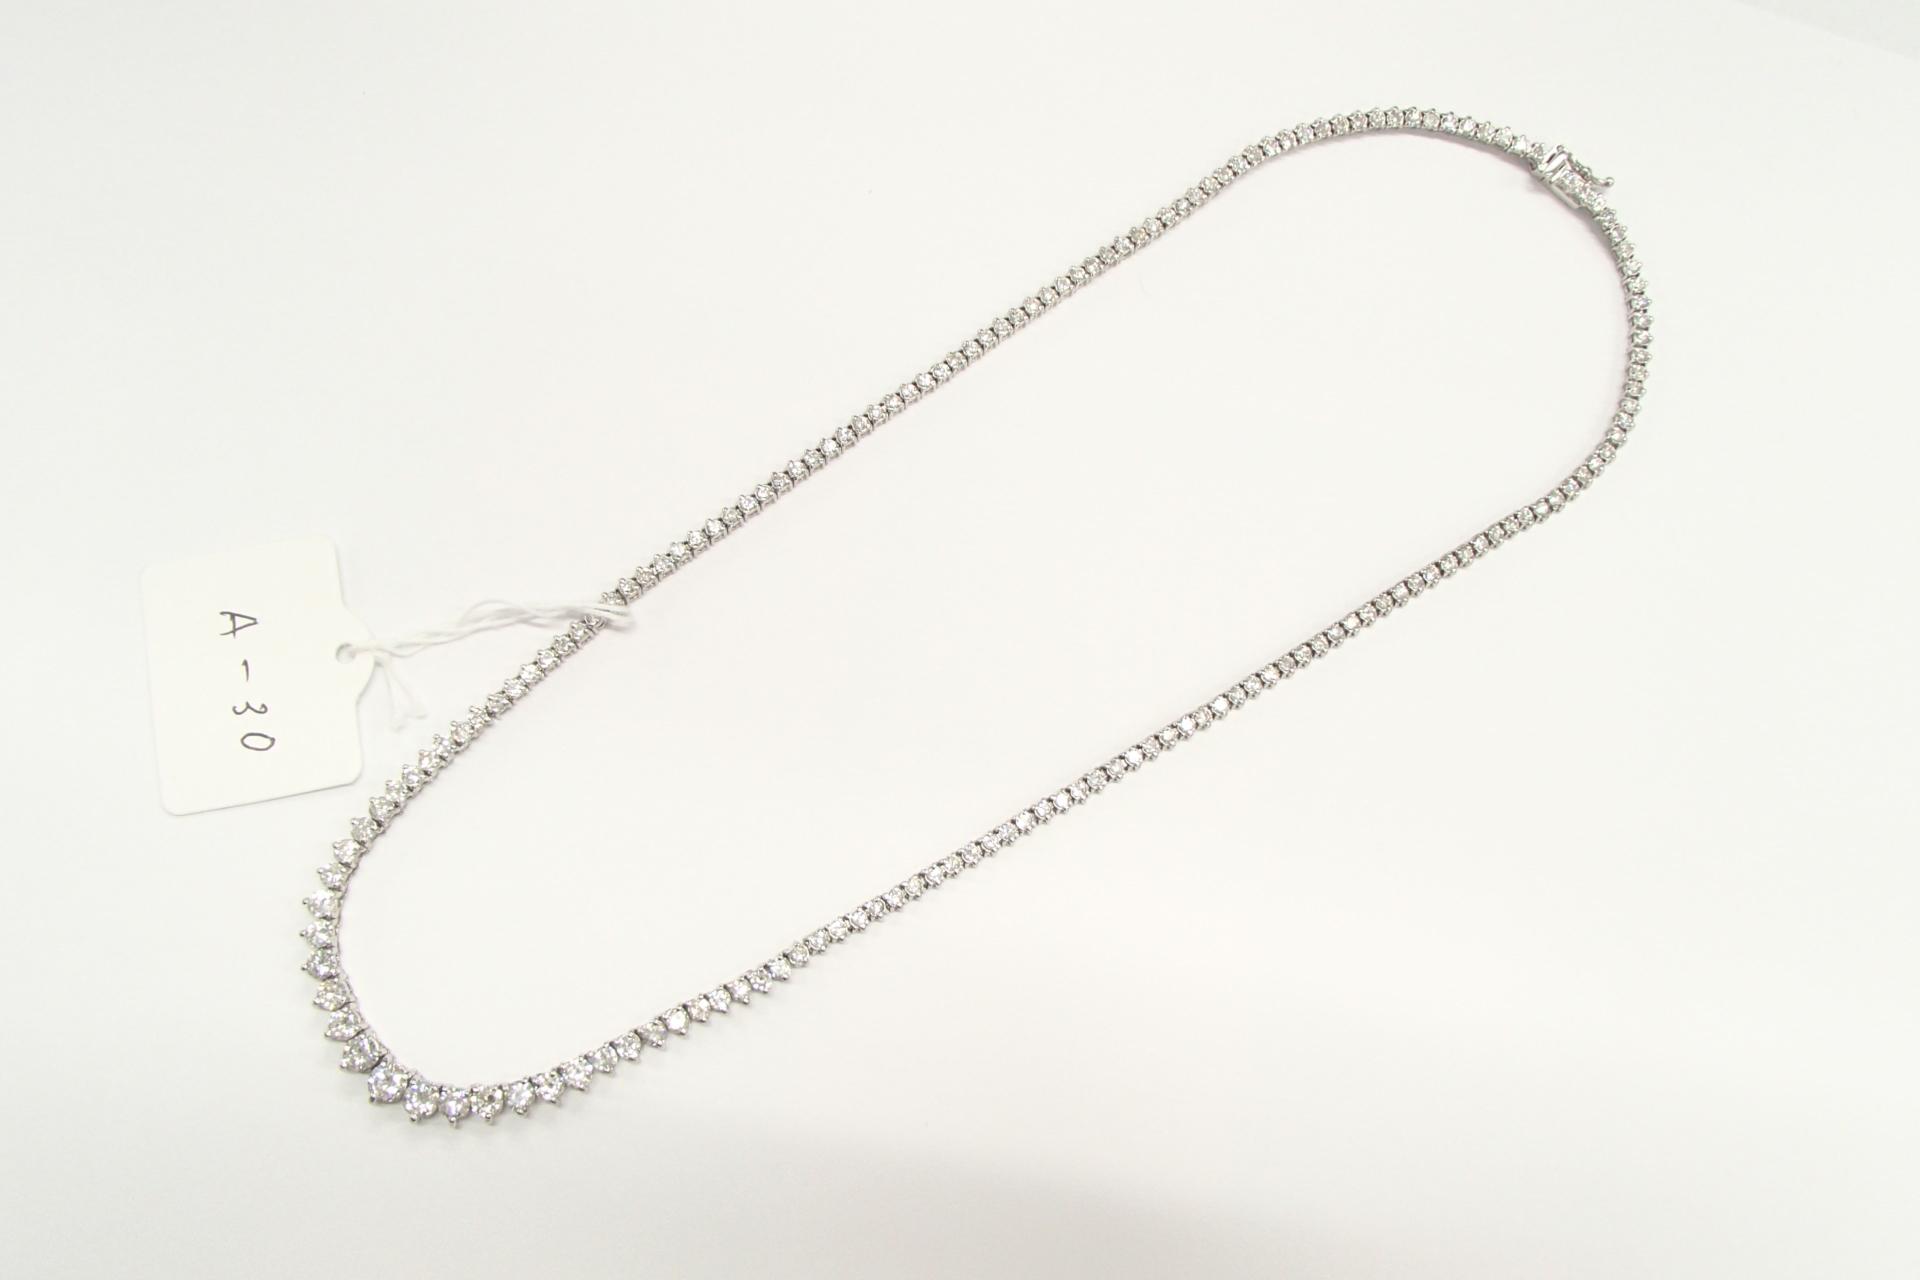 ダイヤのネックレスを高額買取しました! 東京都のお客様